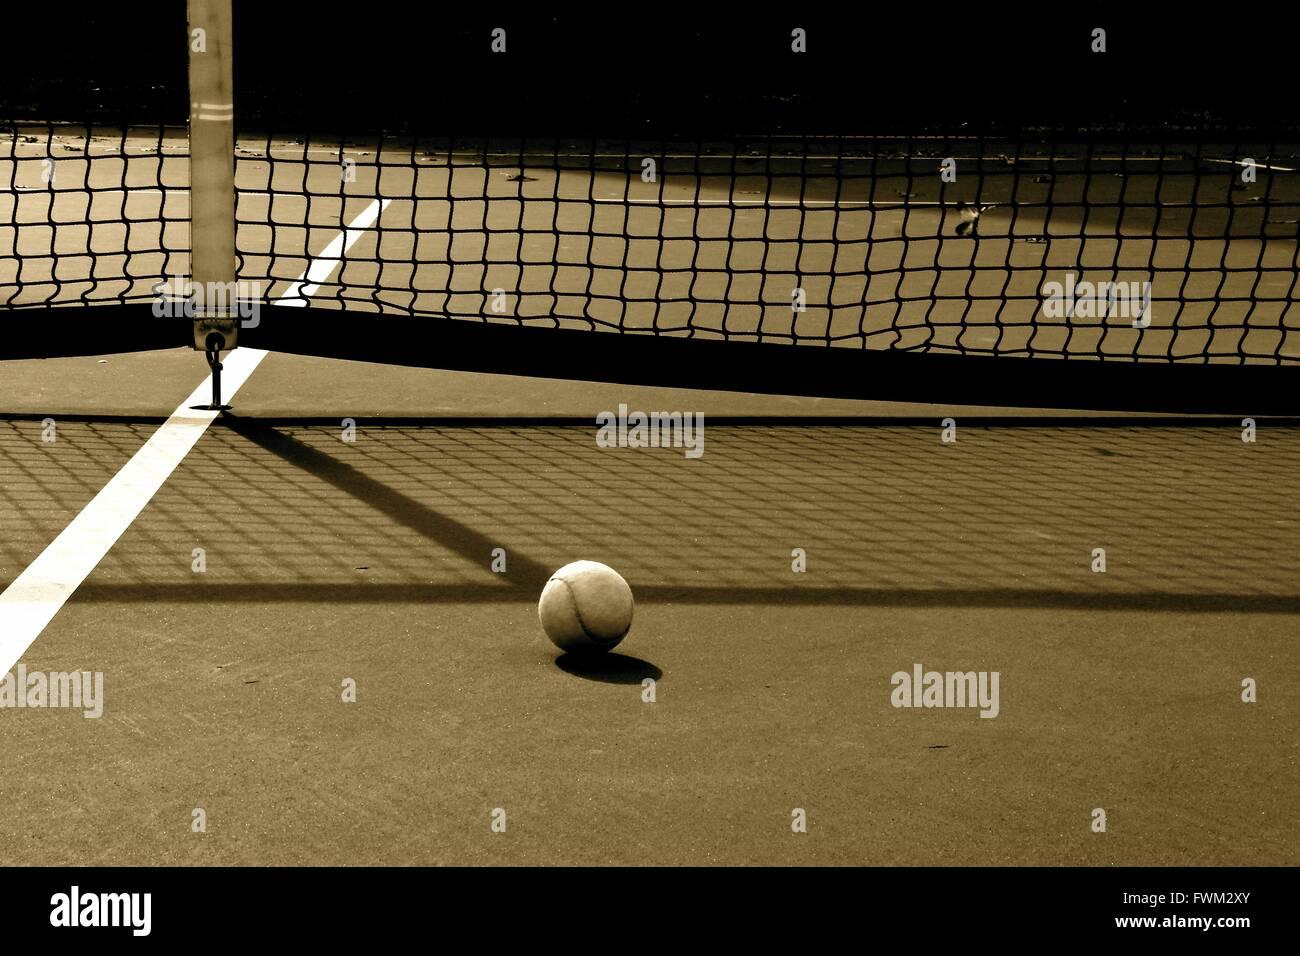 Tennisball gegen Netz am Hof Stockbild